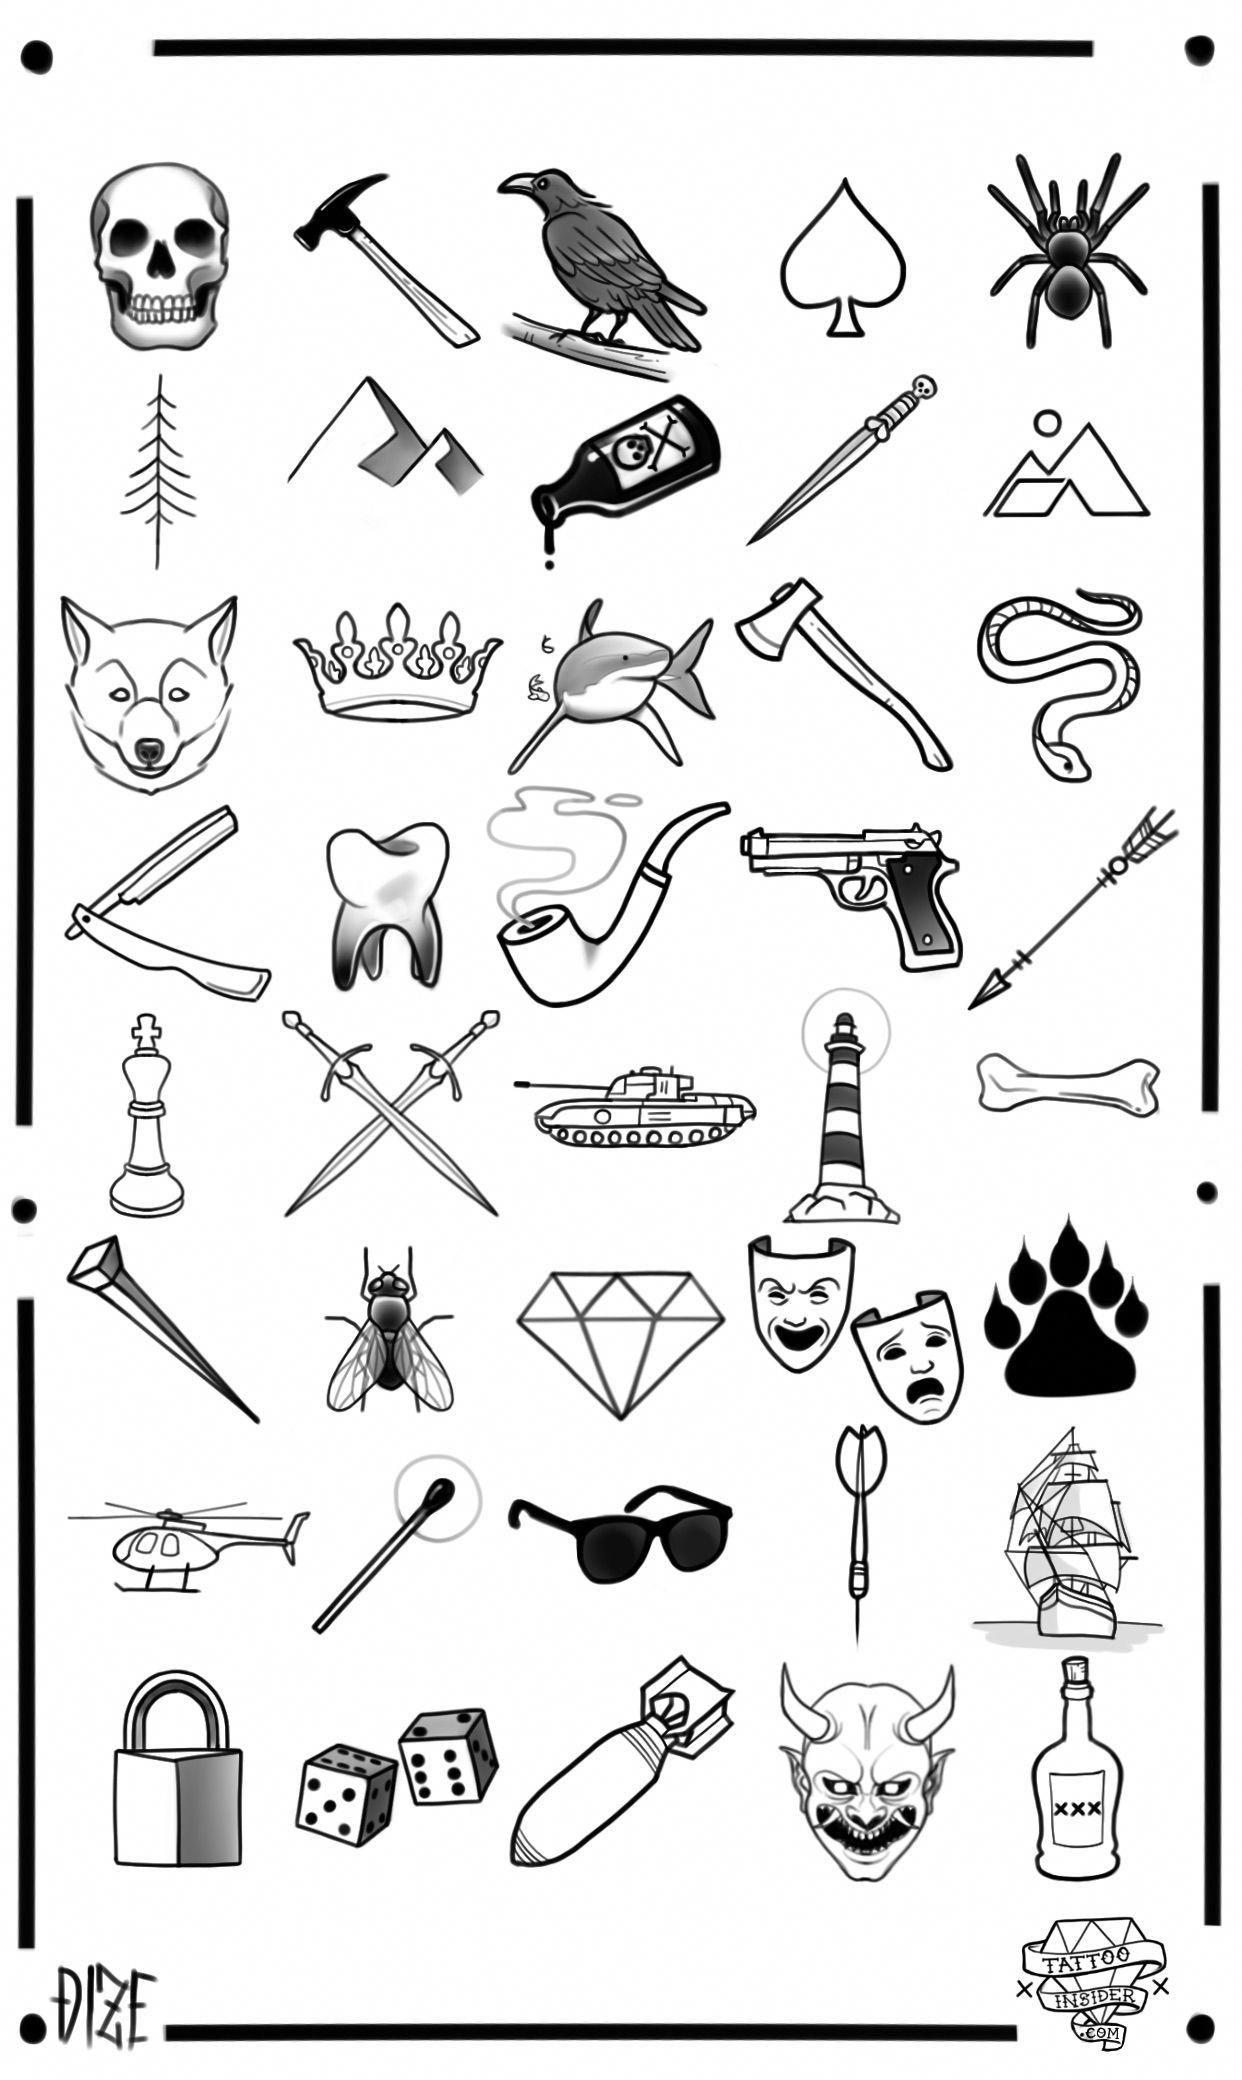 4727b37f0 80 Free Small Tattoo Designs | Tattoo's | Small tattoos for guys ...